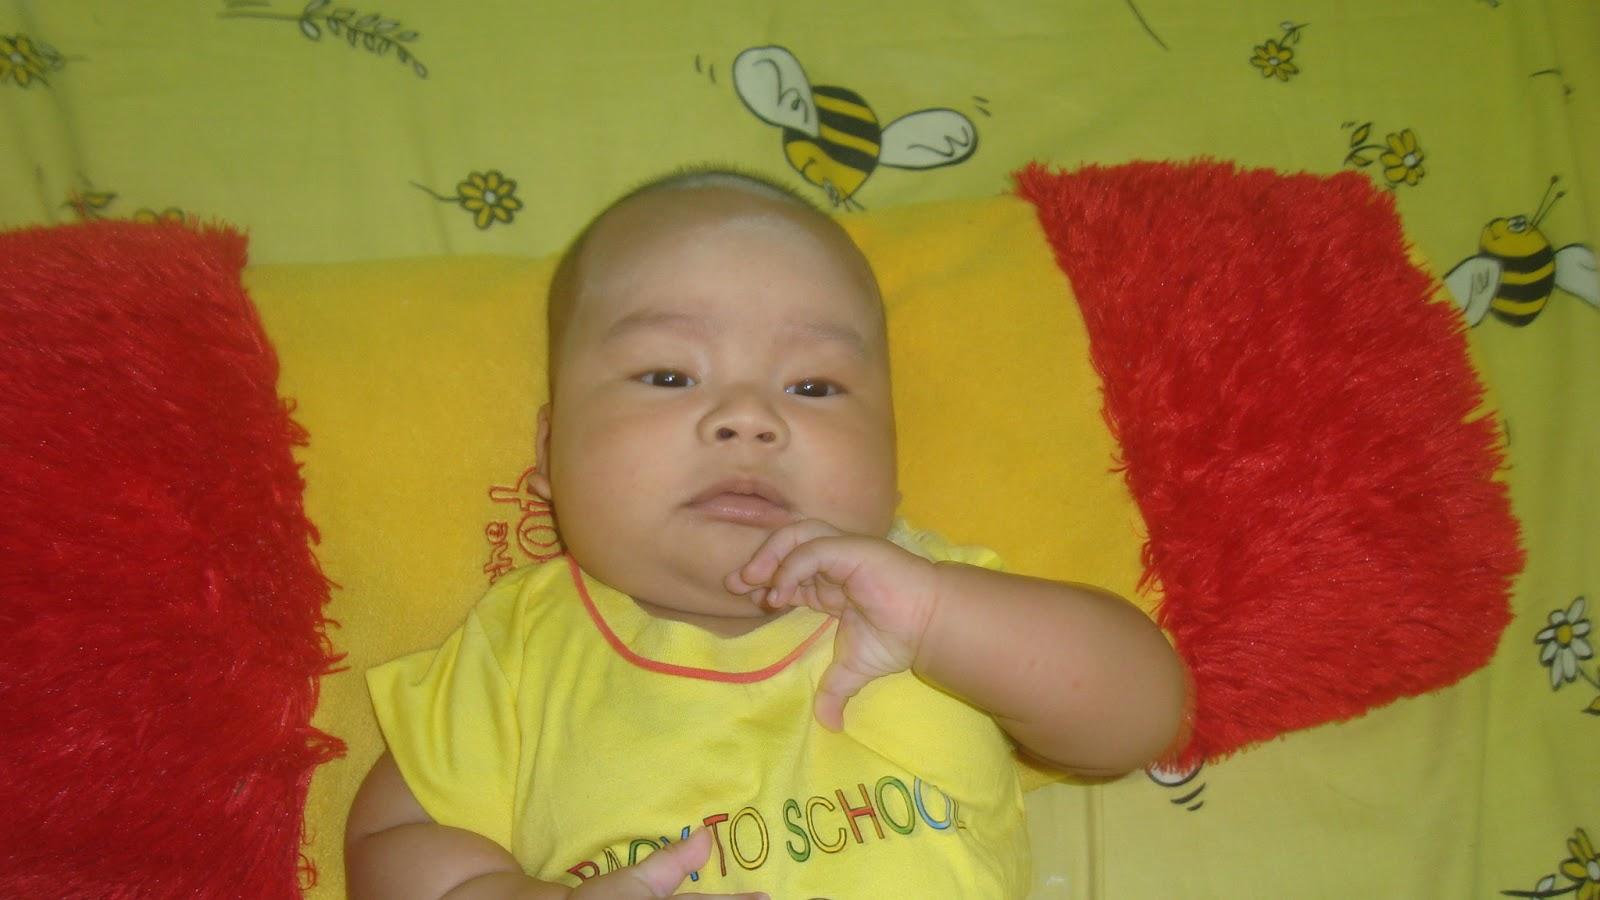 Ini Hisyam adekku